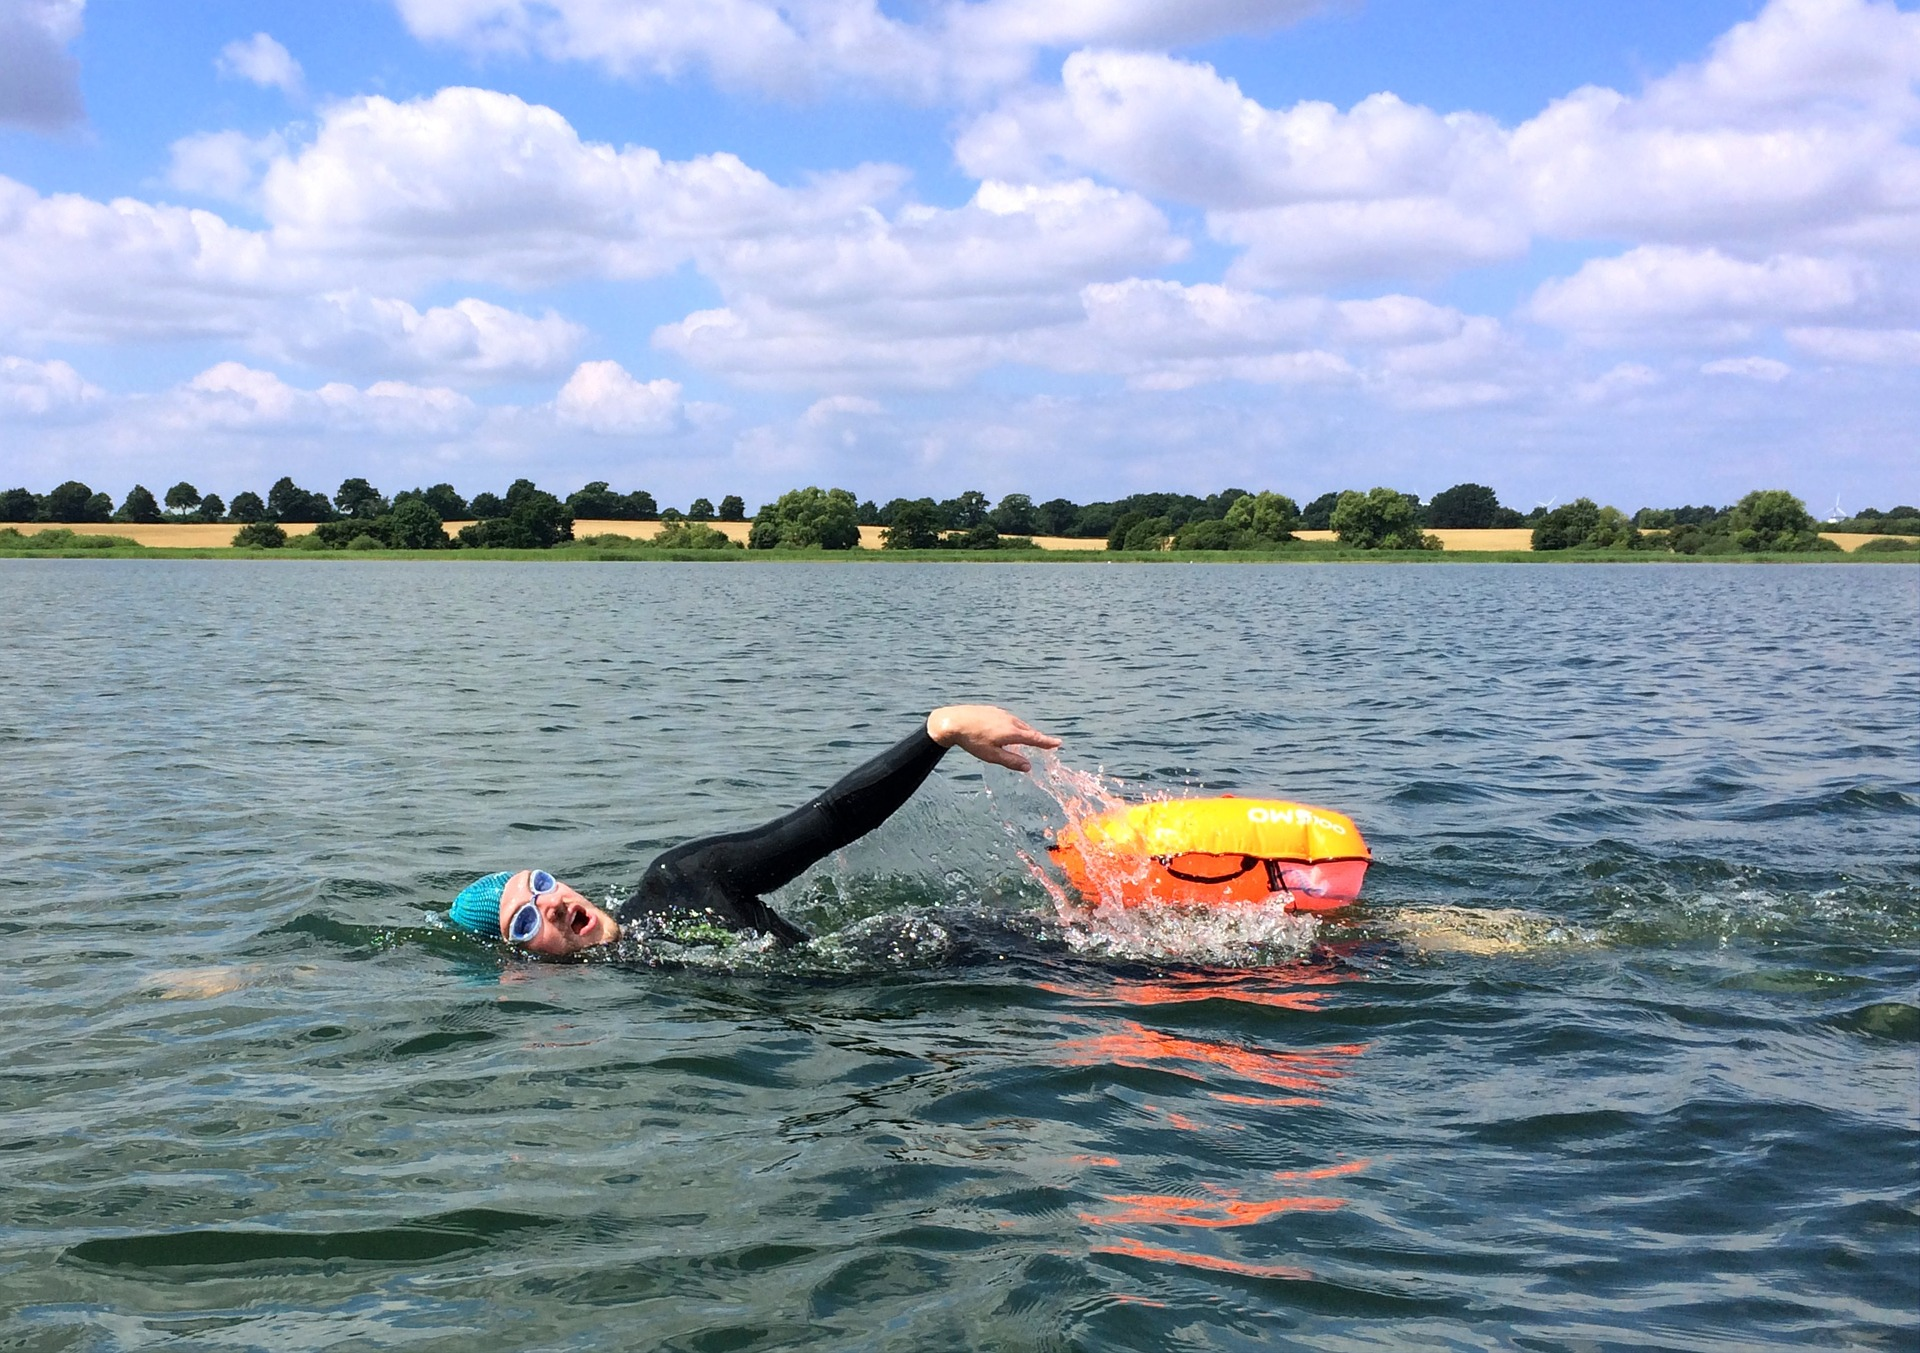 allenarsi in acque libere